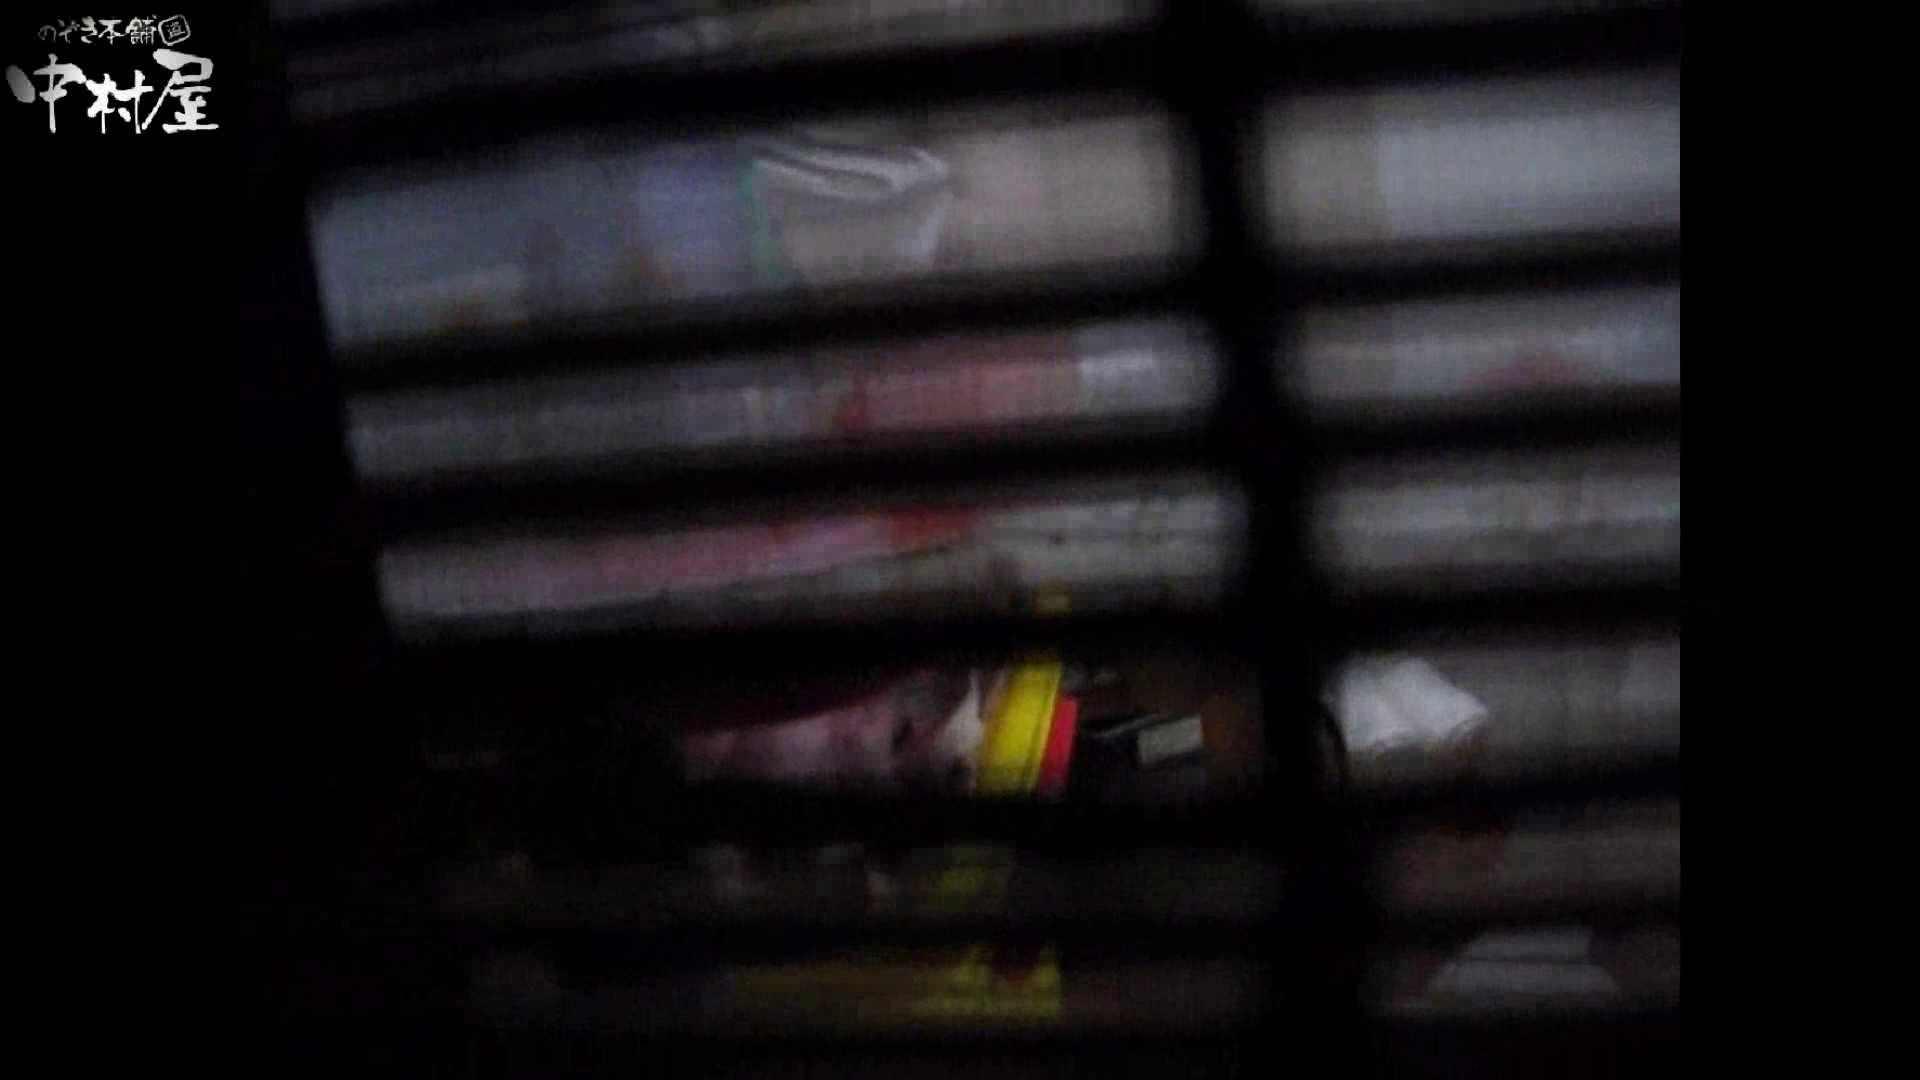 民家風呂専門盗撮師の超危険映像 vol.011 美少女ヌード 盗撮動画紹介 64画像 11